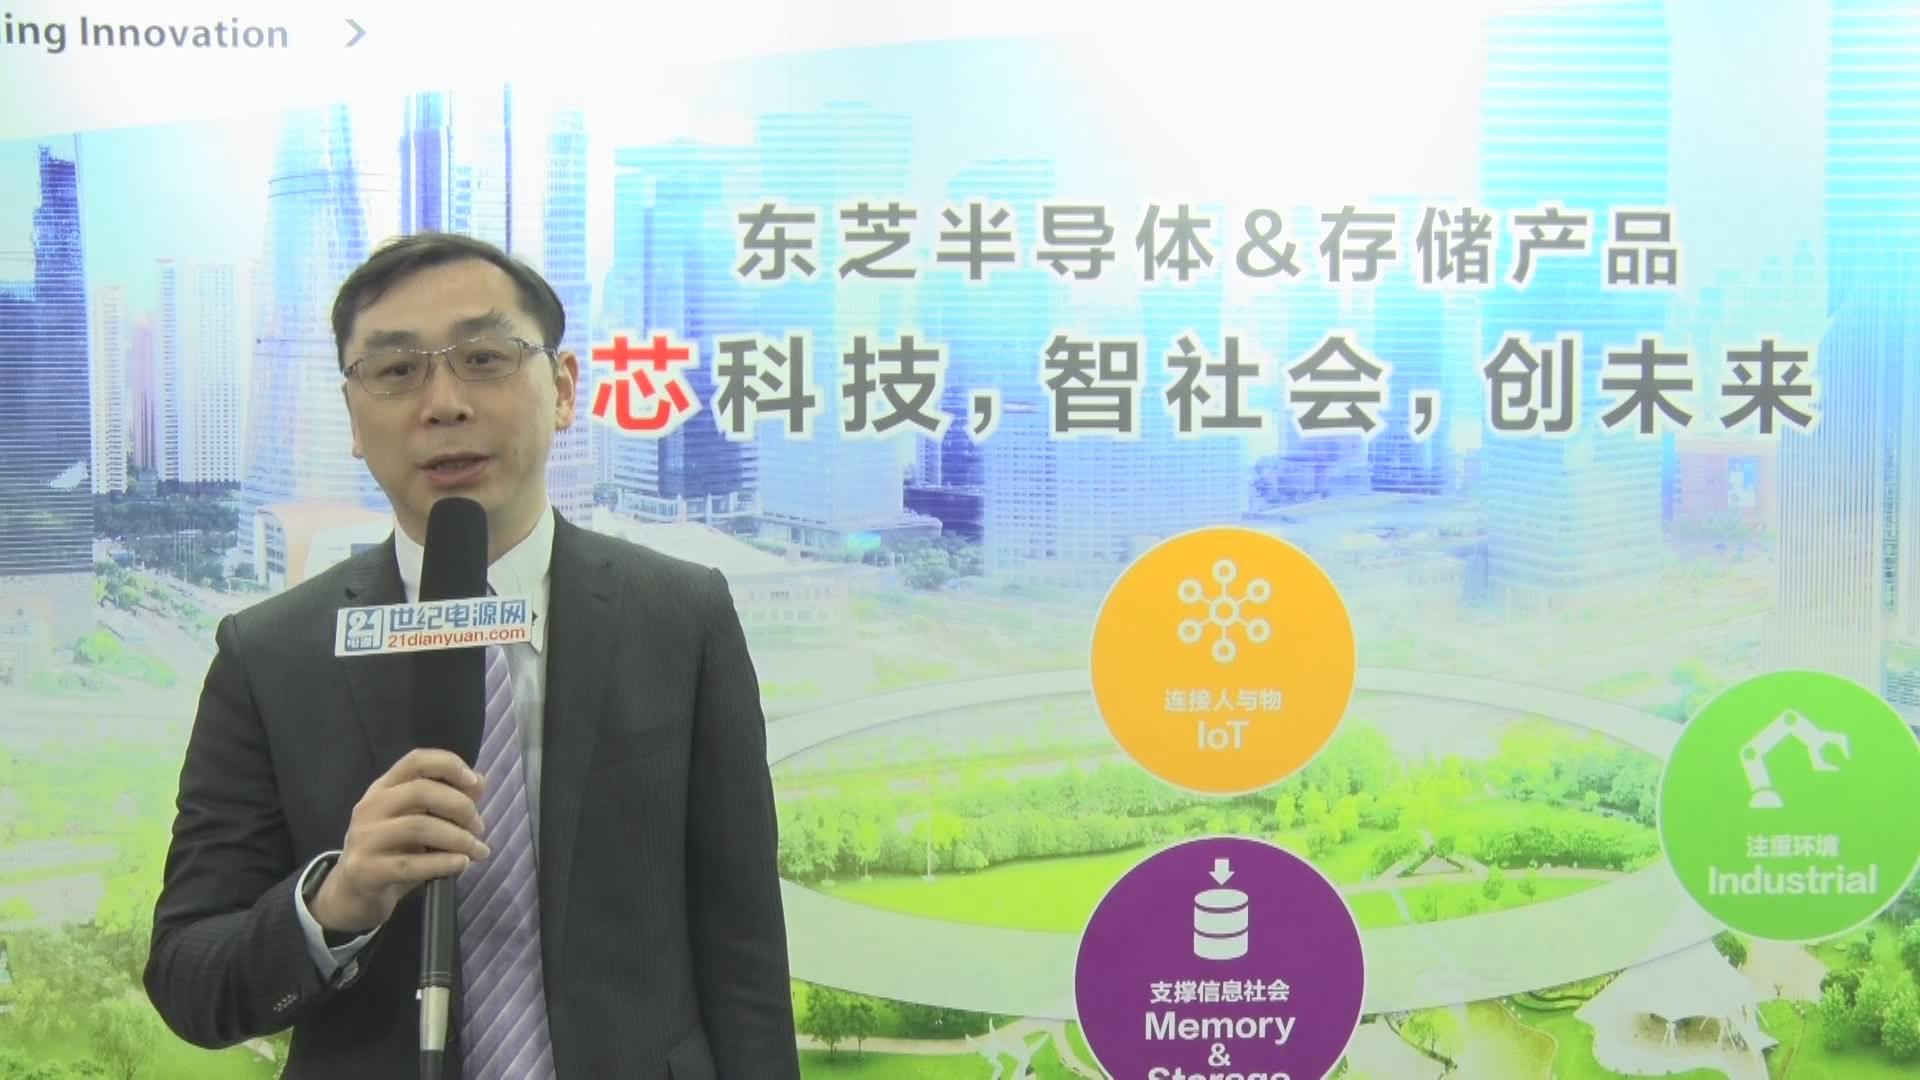 芯科技、智社会、创未来—— 东芝电子亮相慕尼黑(上海)电子展